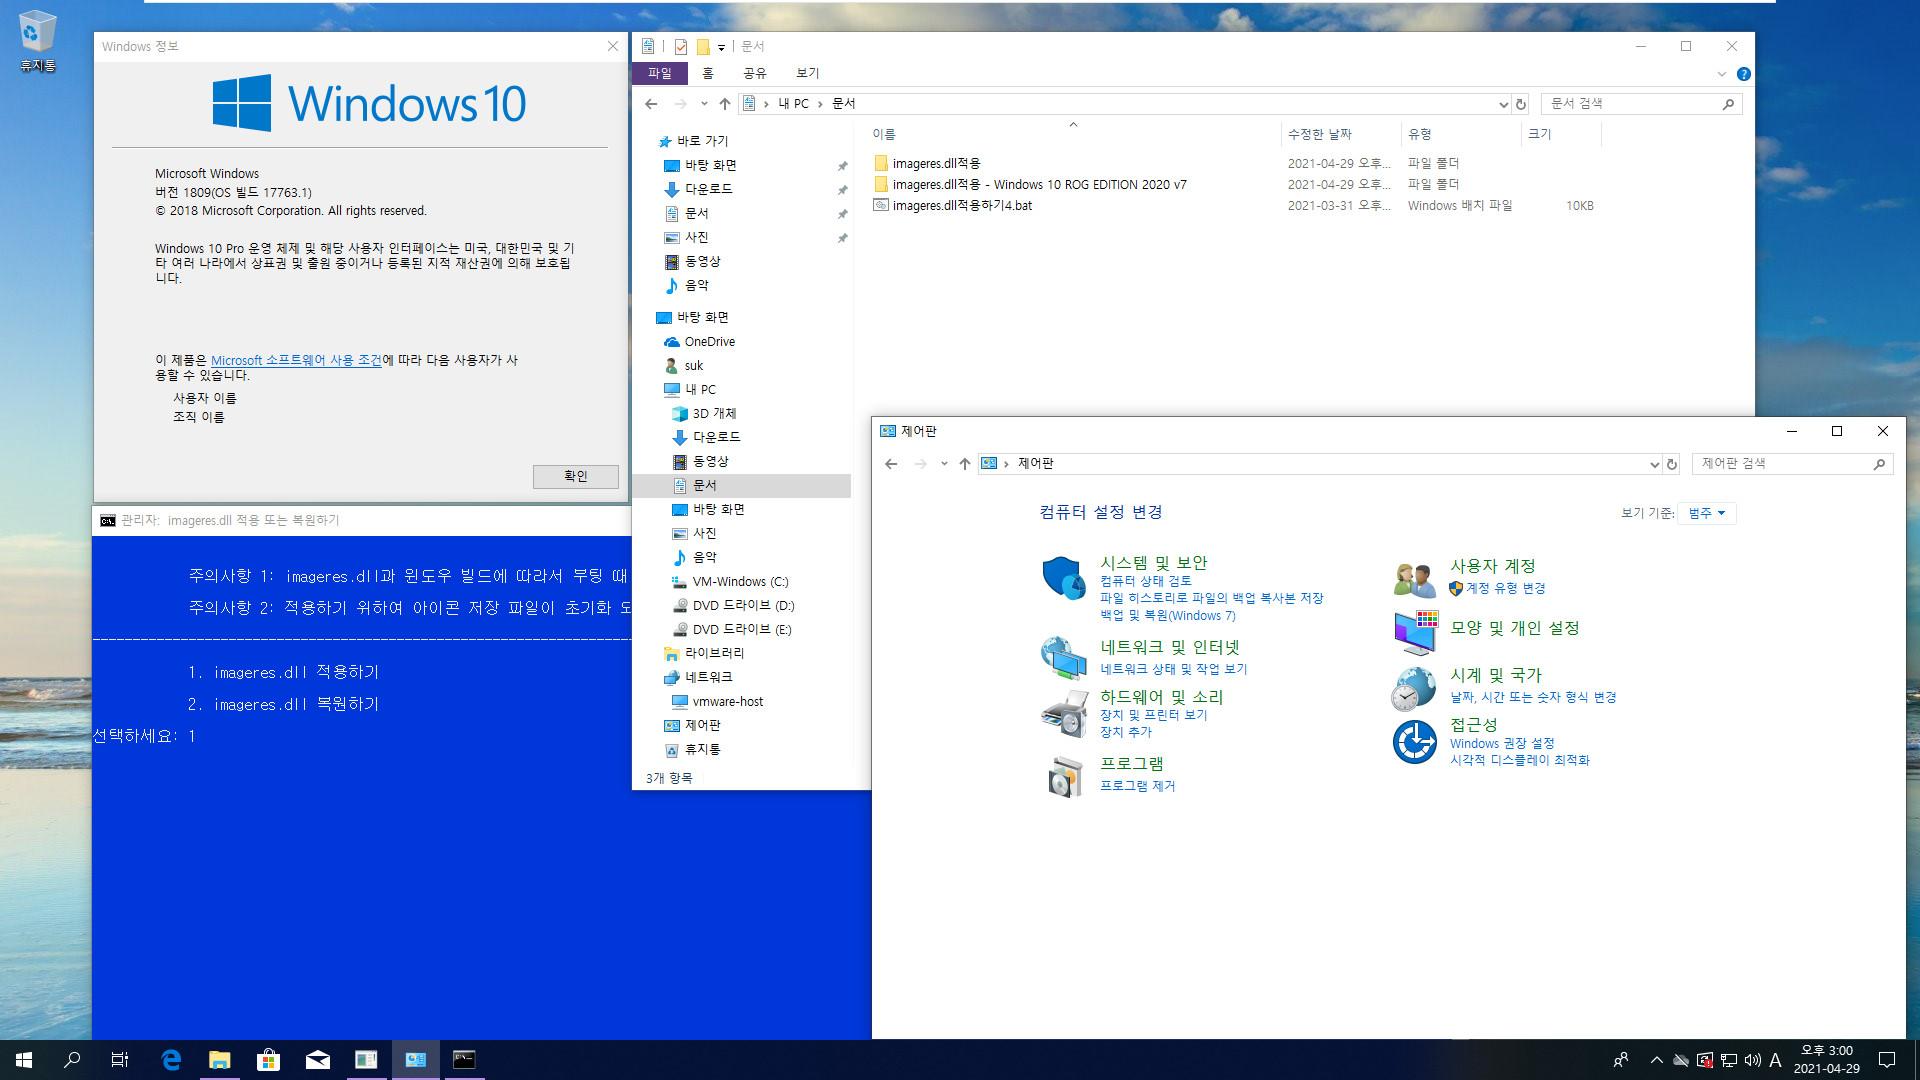 imageres.dll적용 테스트 - Windows 10 ROG EDITION 2020 v7 - 버전 20H2만 적용되네요 2021-04-29_150044.jpg